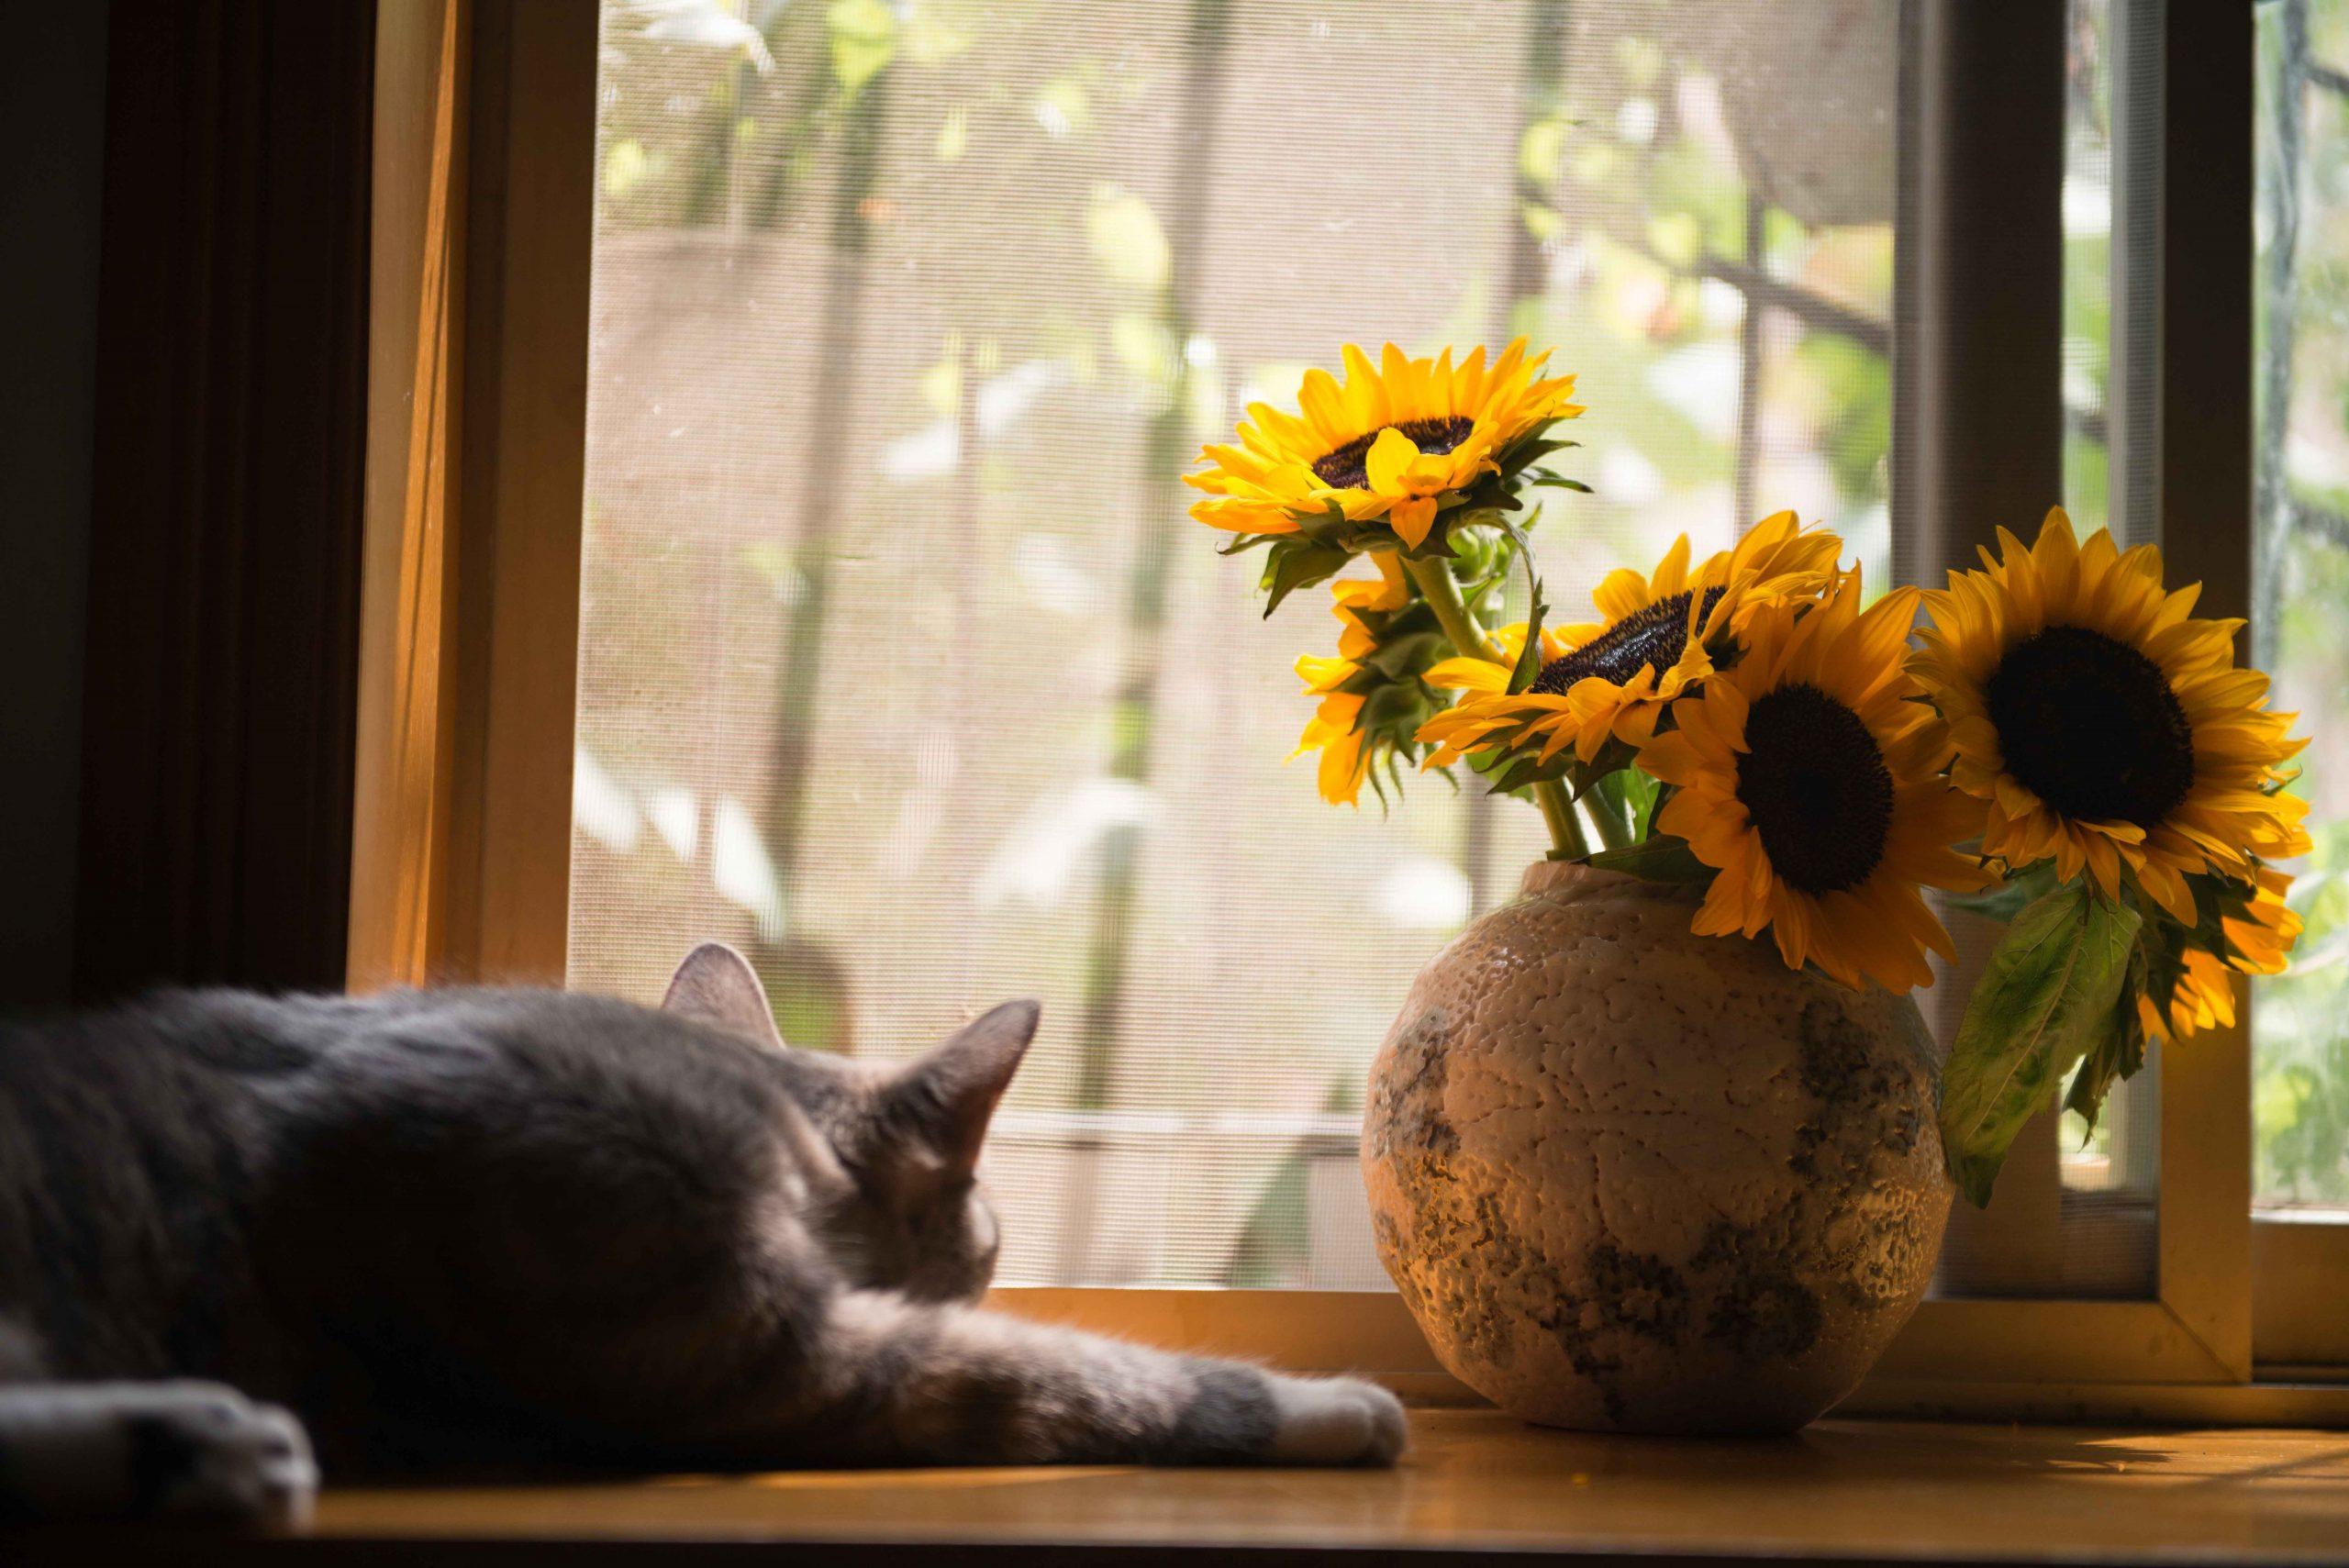 Gato deitado ao lado da janela e de um vaso com girassóis